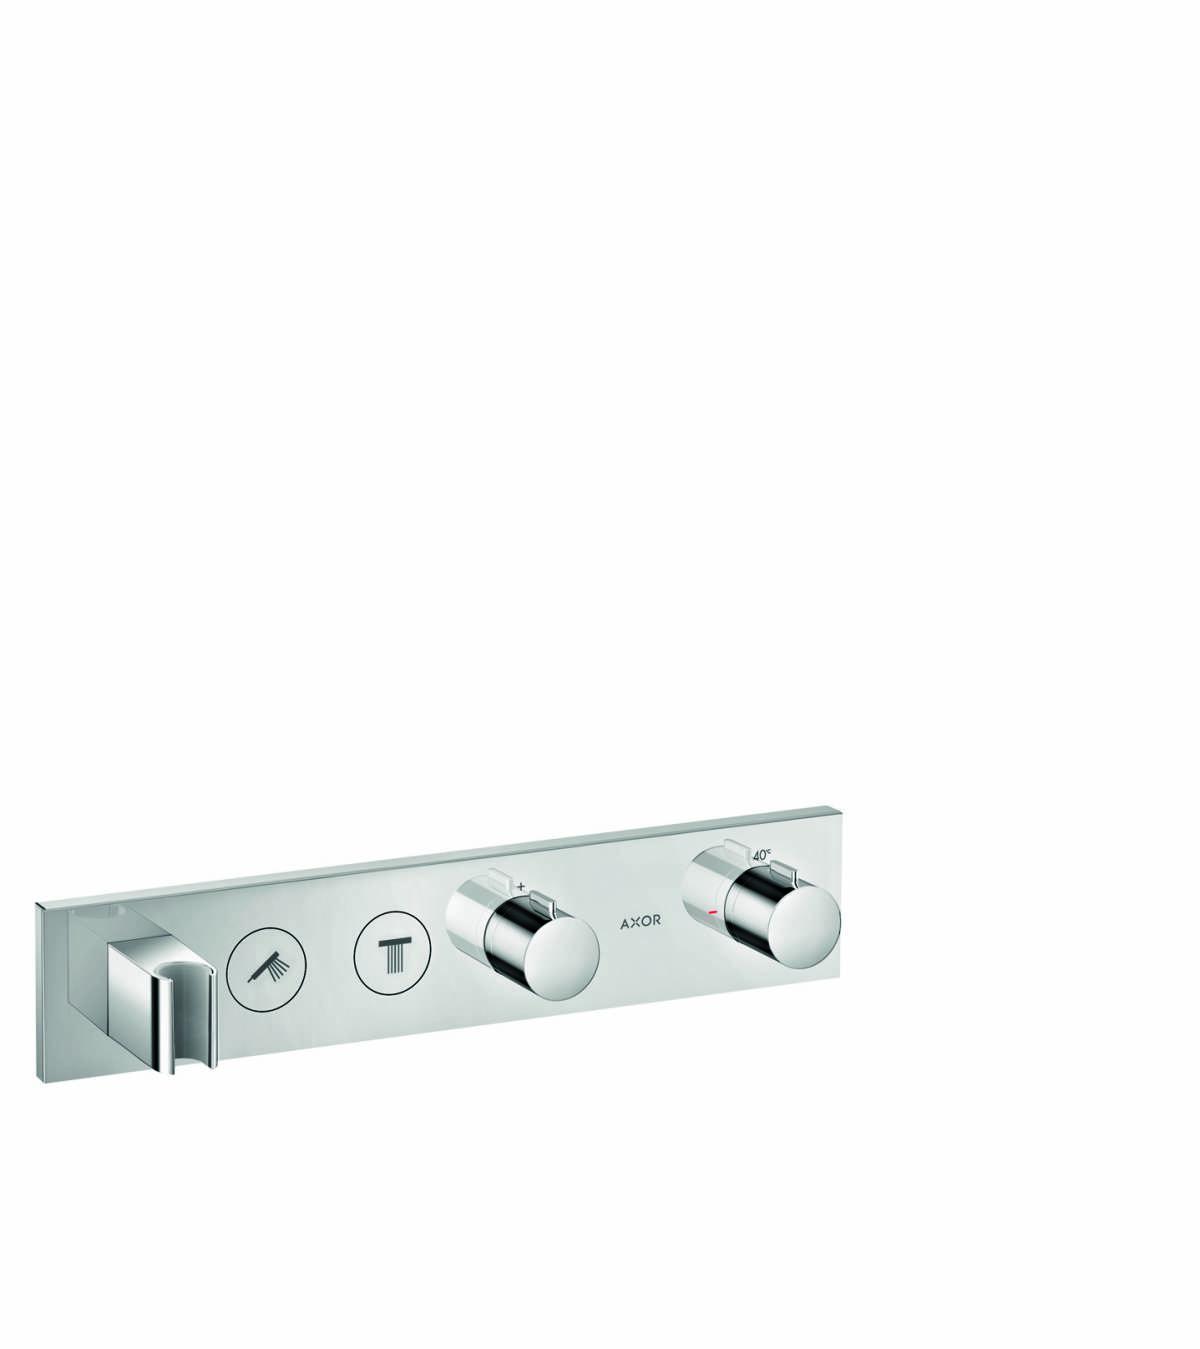 Módulo de termostato Select 460/90 mm empotrado para 2 funciones, cromo, 18355000